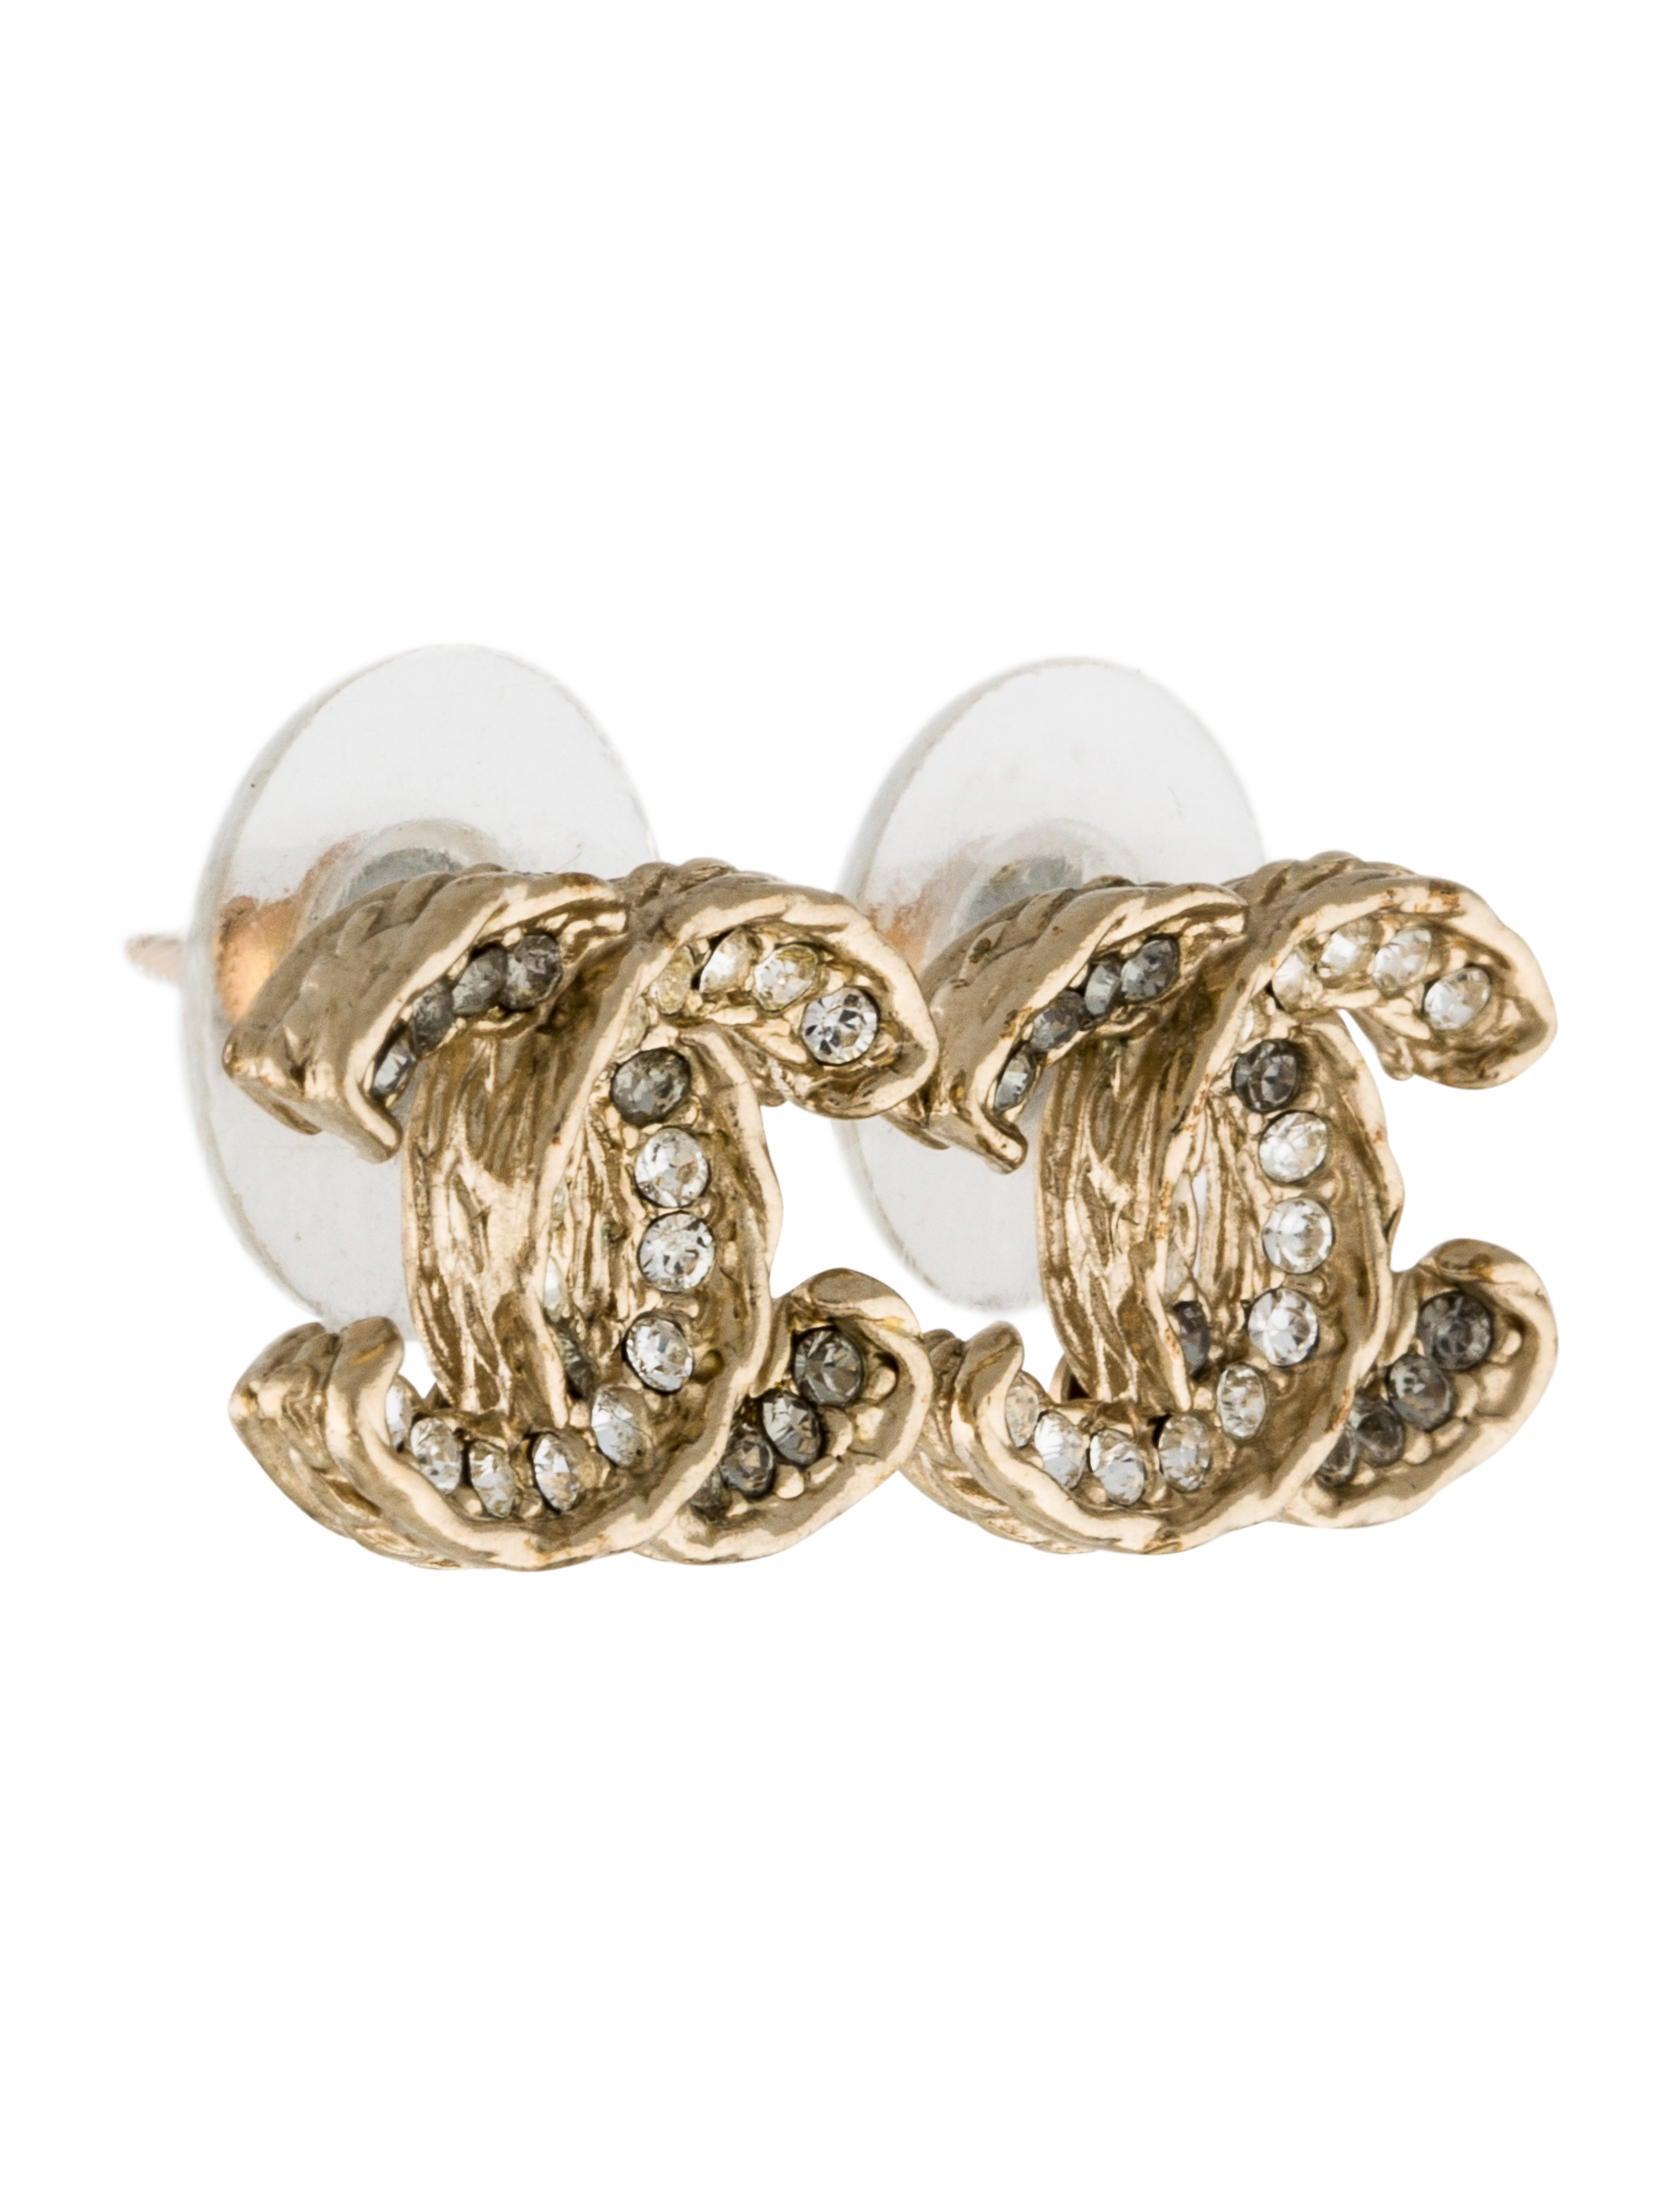 Chanel Crystal Cc Logo Stud Earrings Earrings